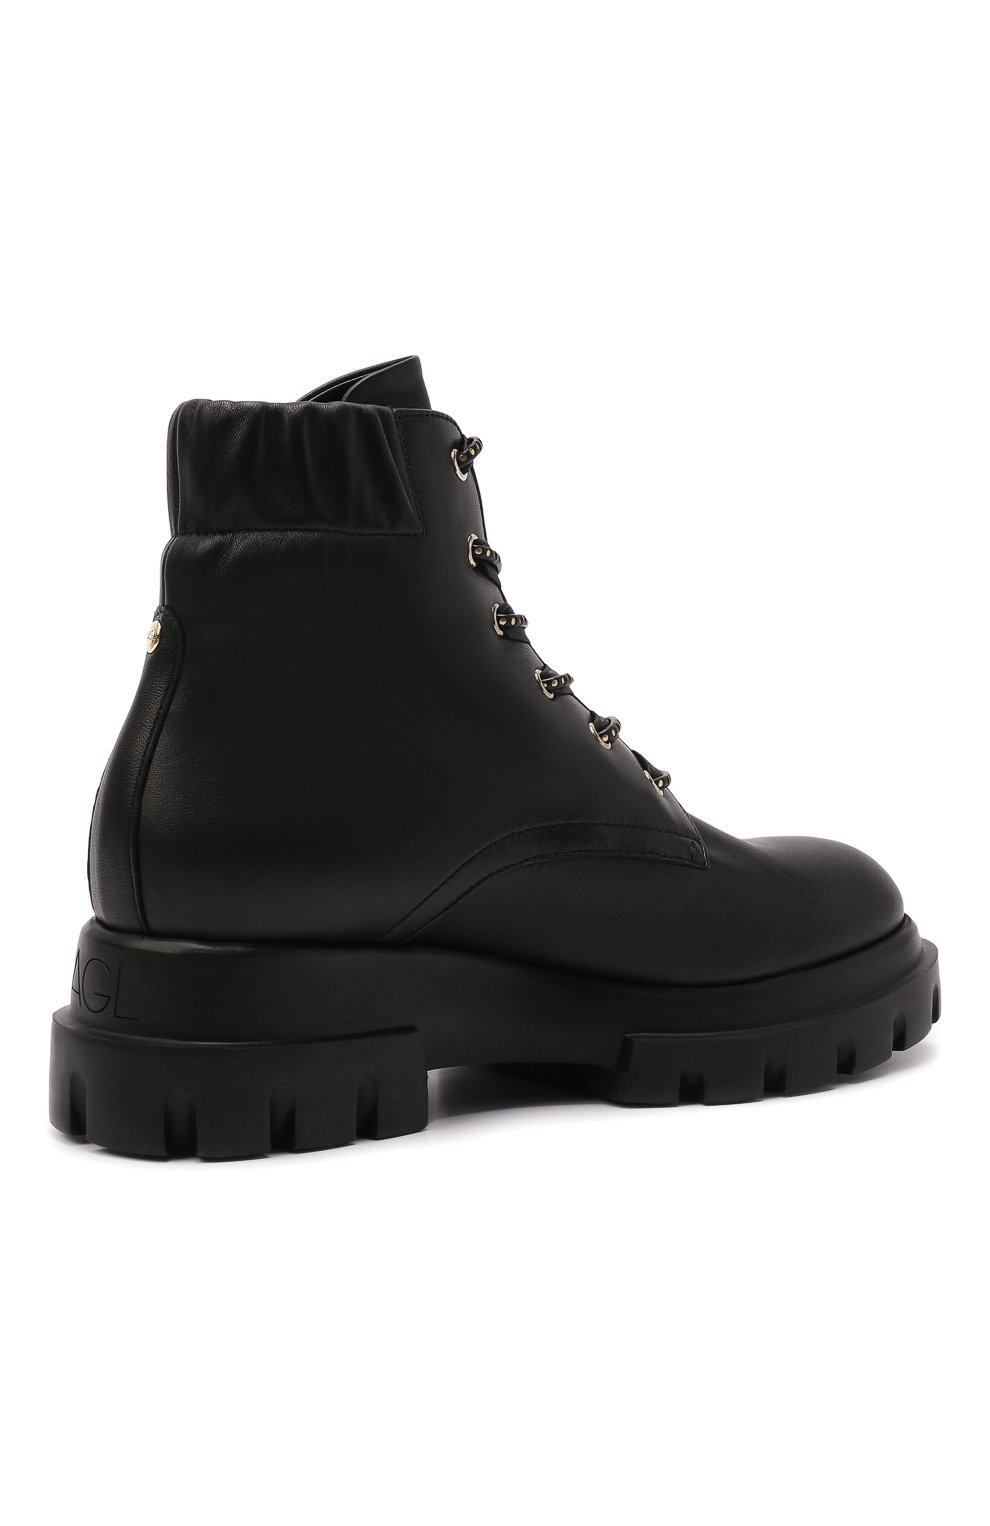 Женские кожаные ботинки AGL черного цвета, арт. D756549PGKA0761013 | Фото 4 (Подошва: Платформа; Каблук высота: Низкий; Материал внутренний: Натуральная кожа; Женское Кросс-КТ: Хайкеры-ботинки)